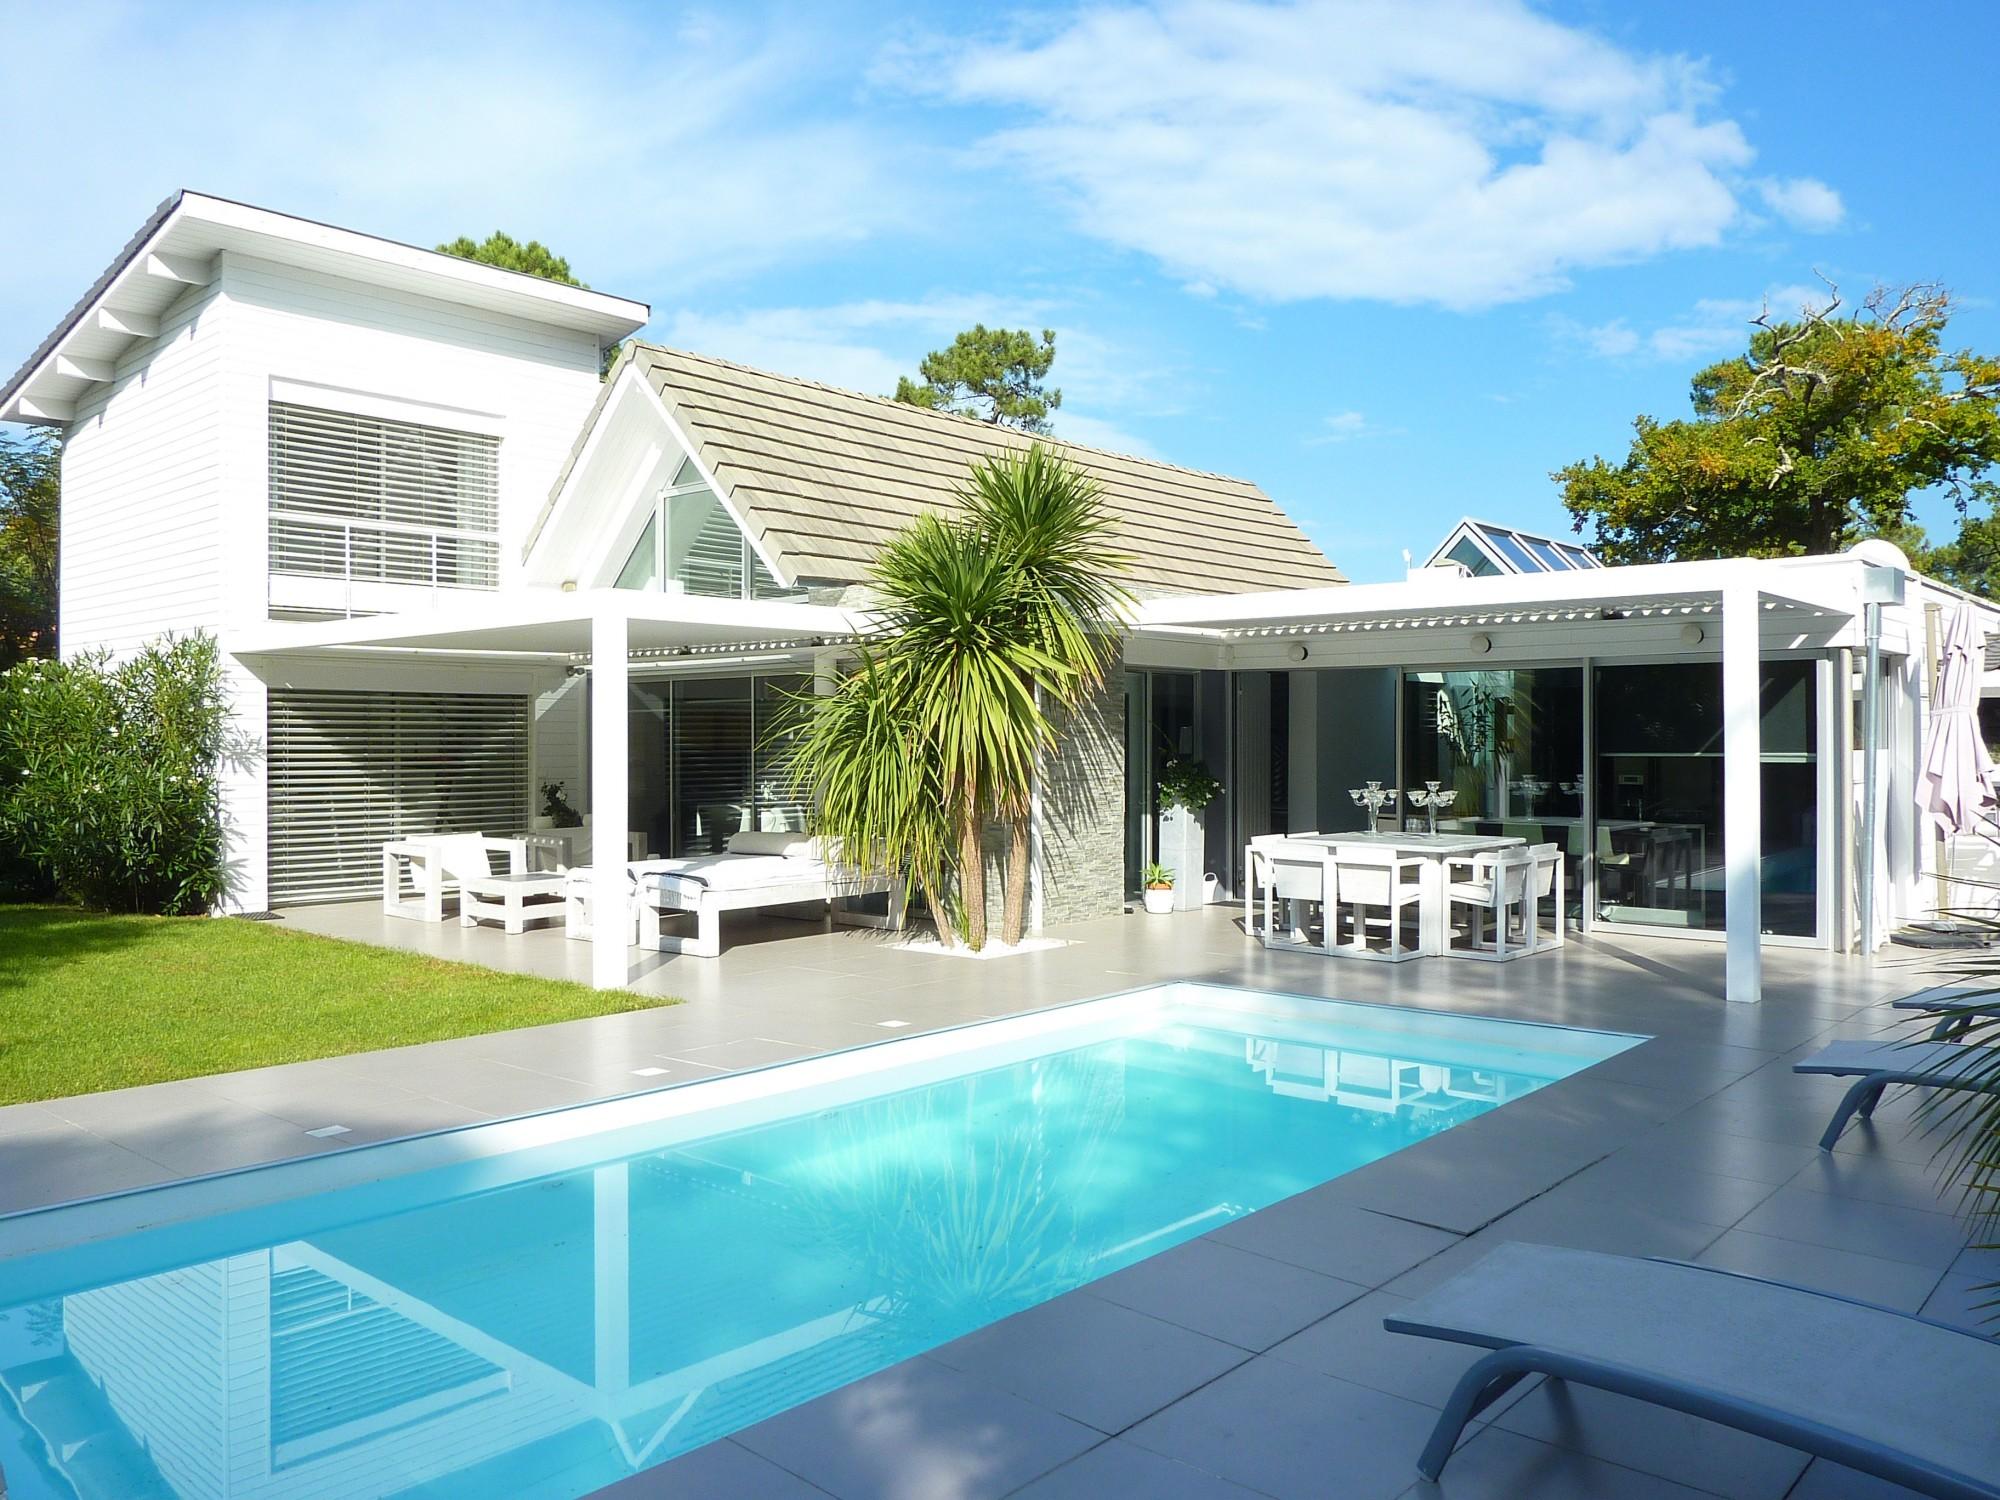 Arcachon moulleau abatilles villa d 39 architecte for Villa avec piscine